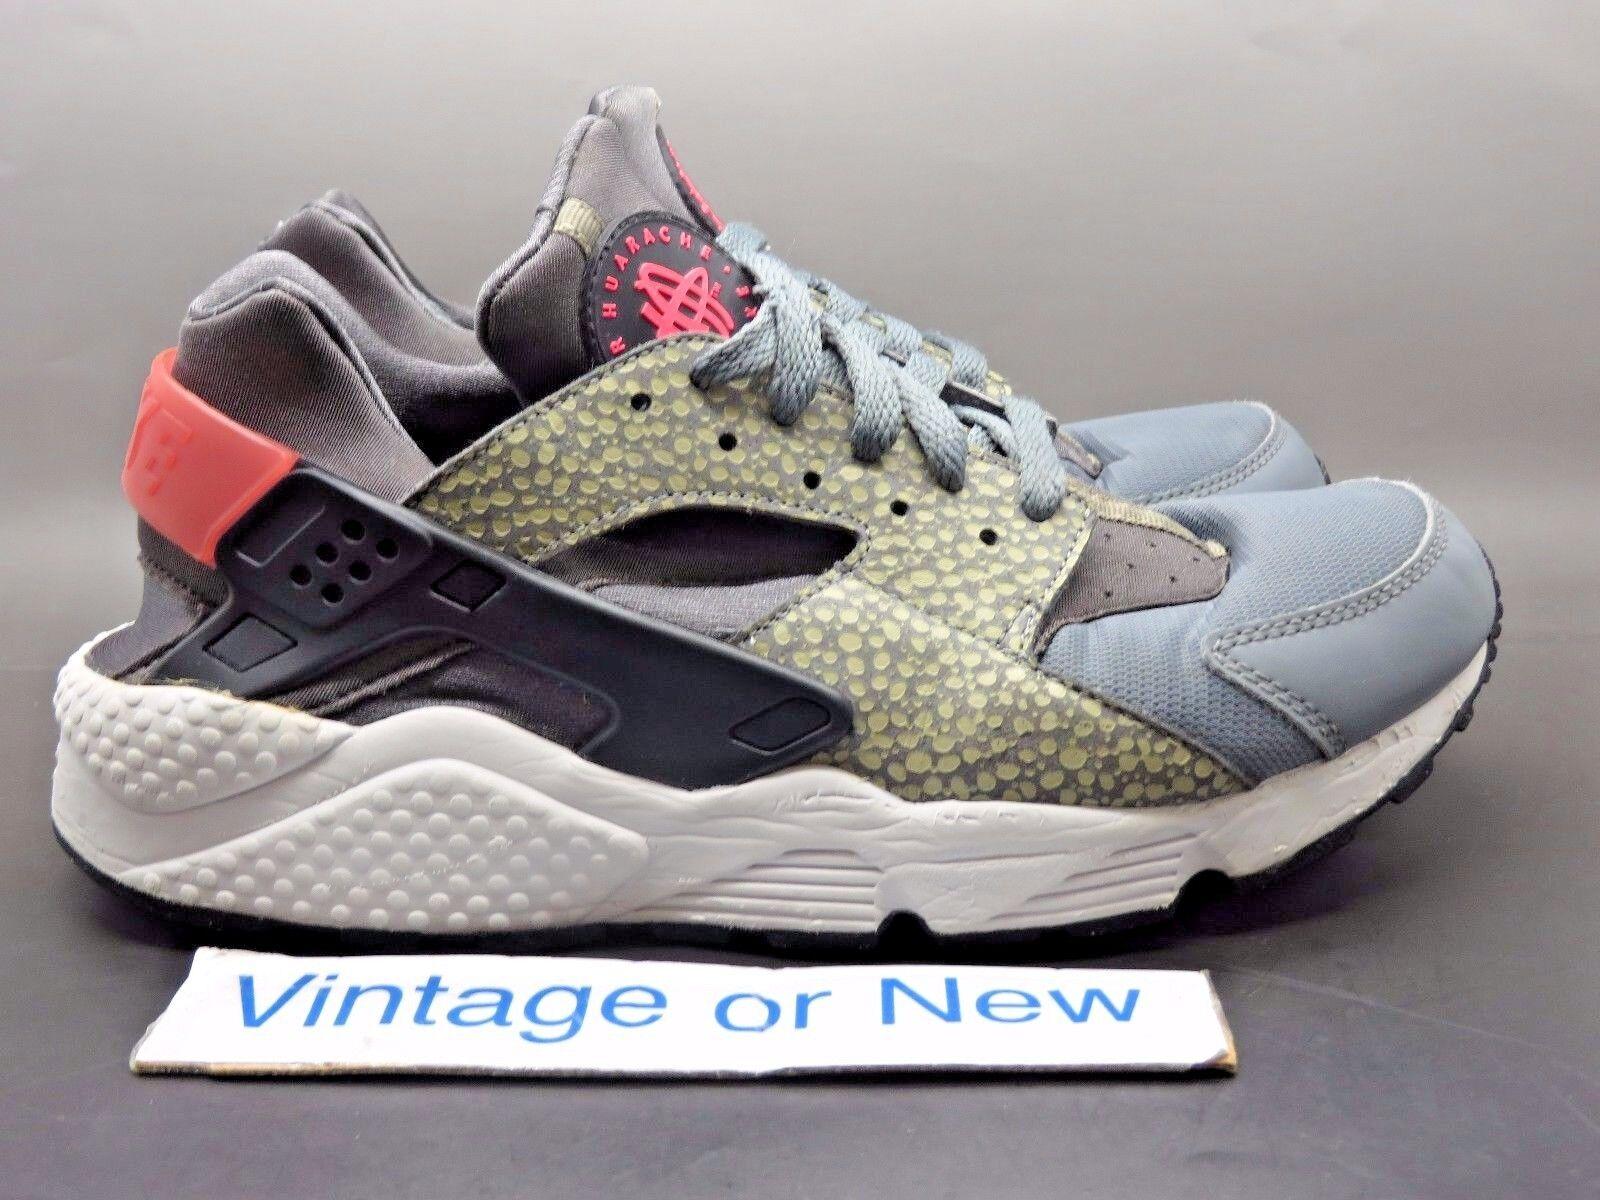 Nike air huarache corsa ridotta safari scarpe scarpe scarpe da corsa 2014 sz 9 a56552